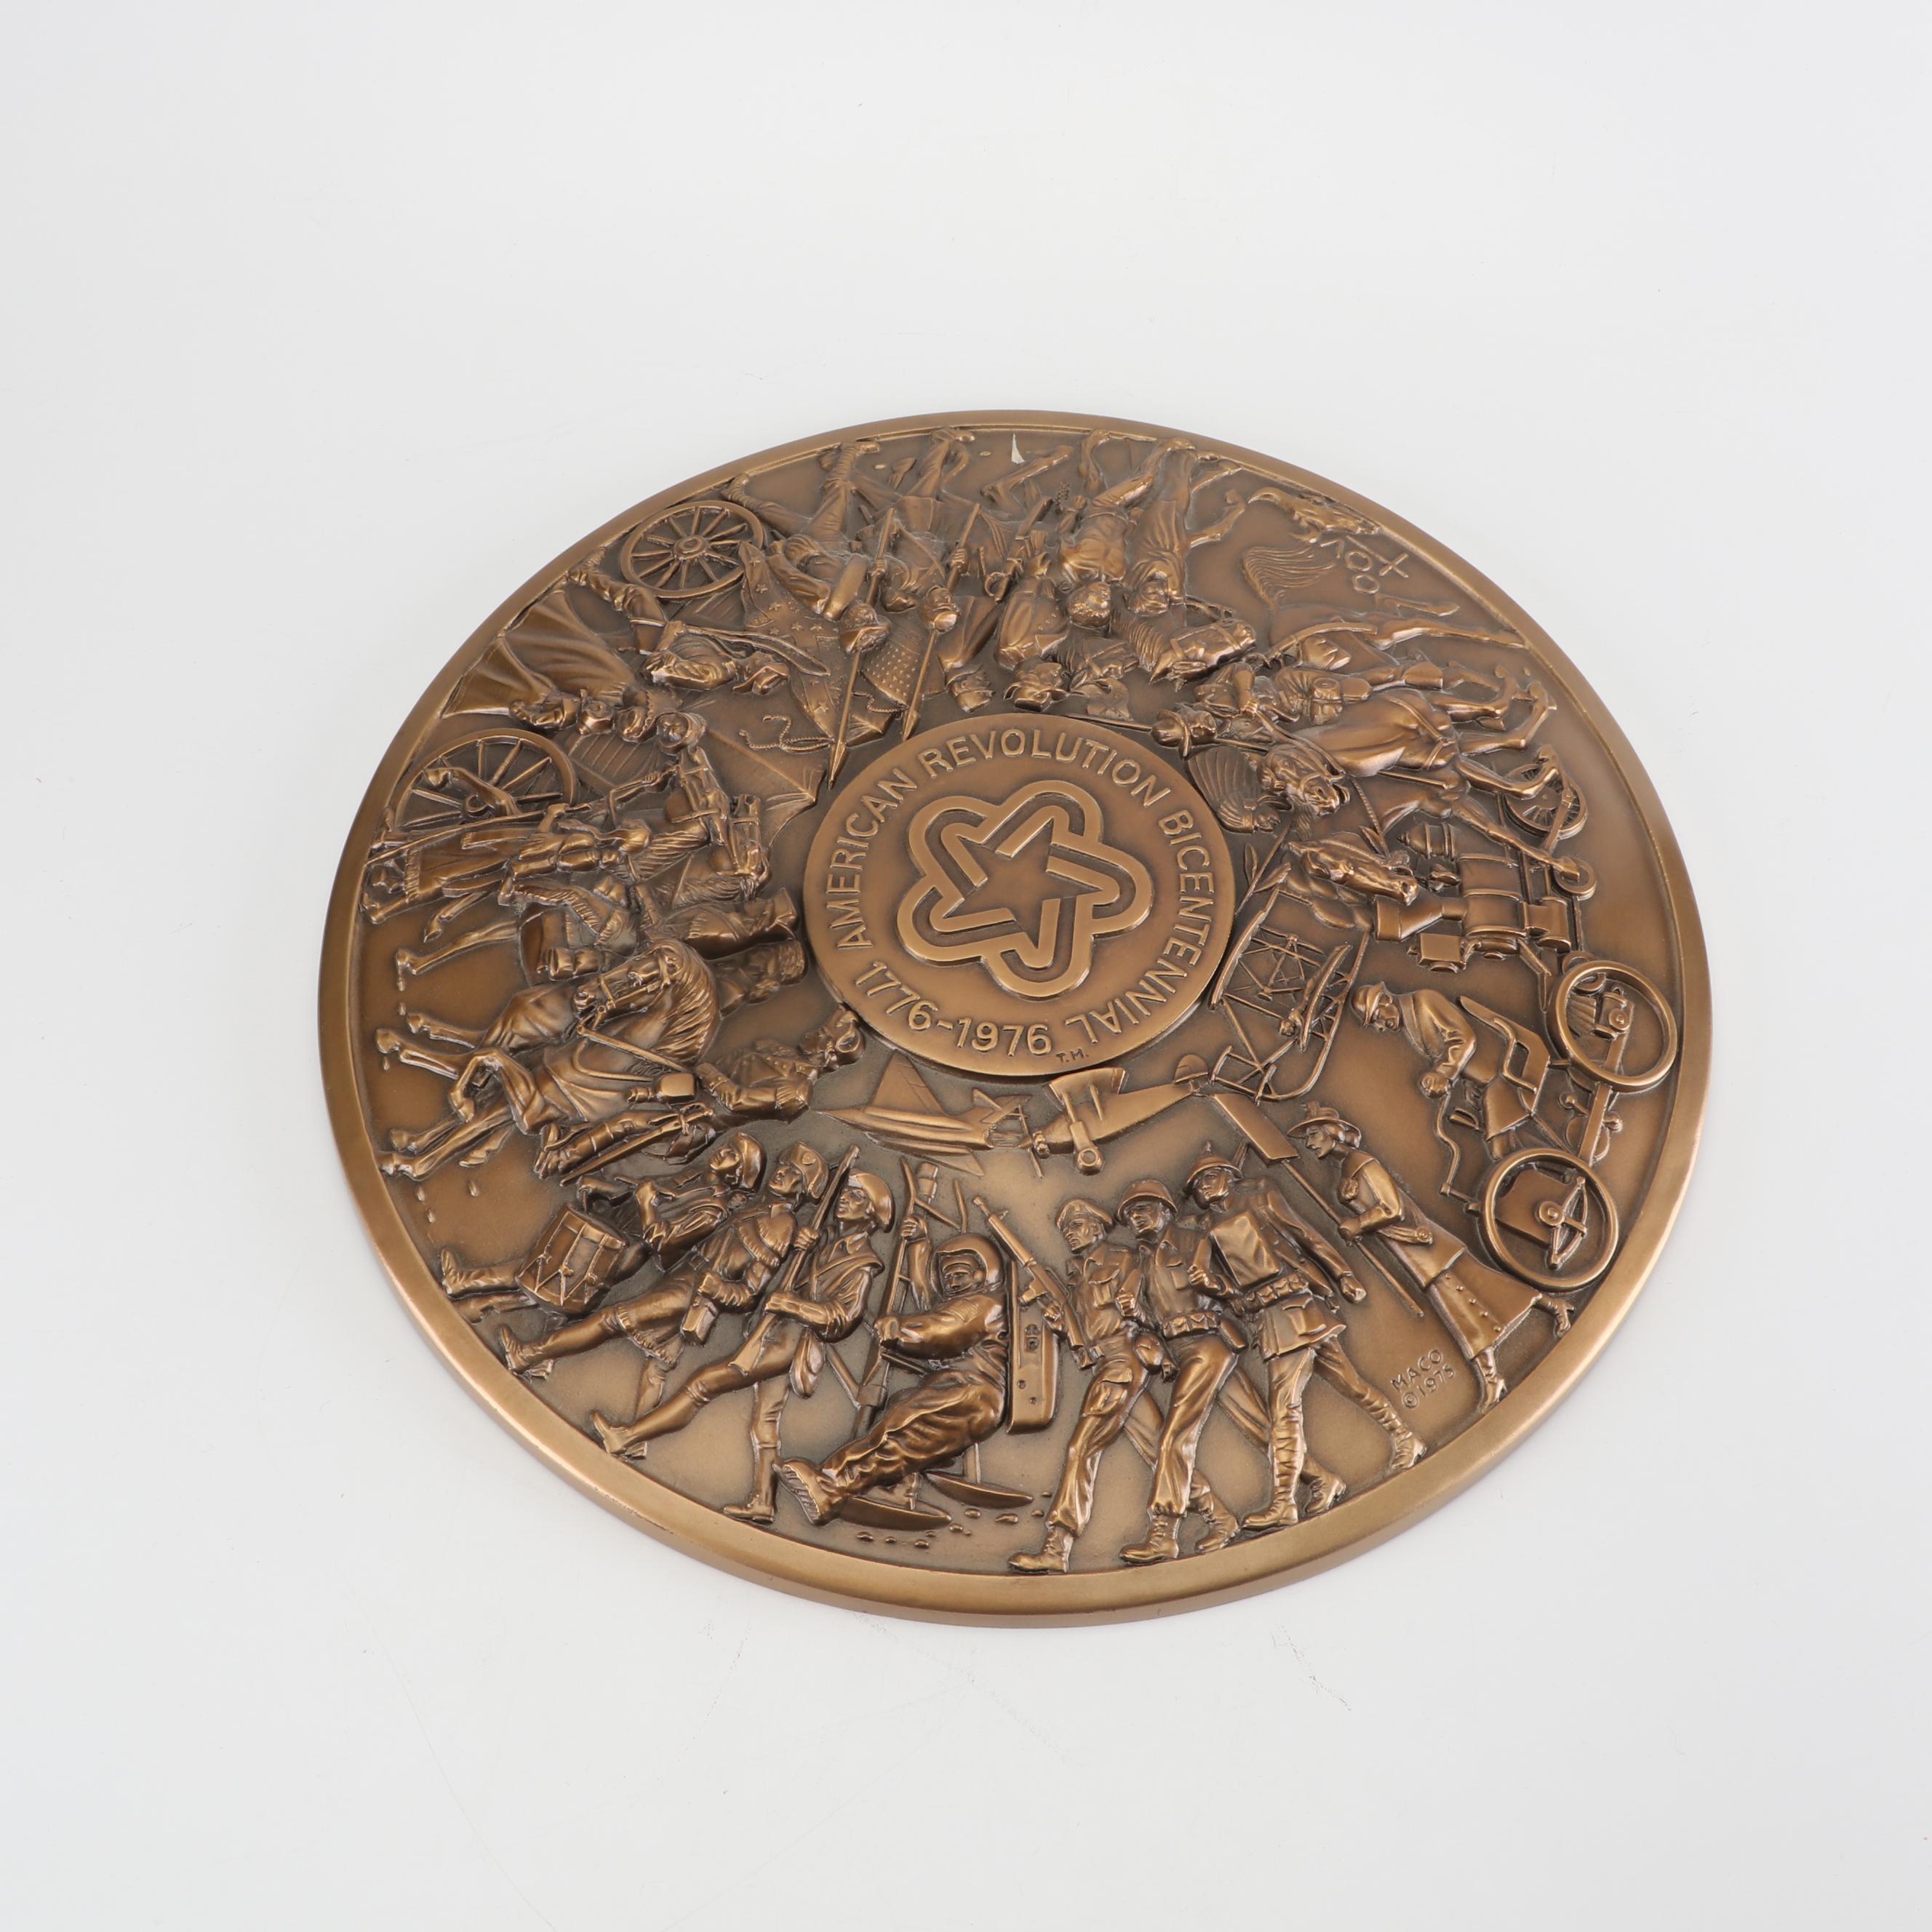 L/E Medallic Art Co. American Revolution Bicentennial Bronze Plate Copper Plaque